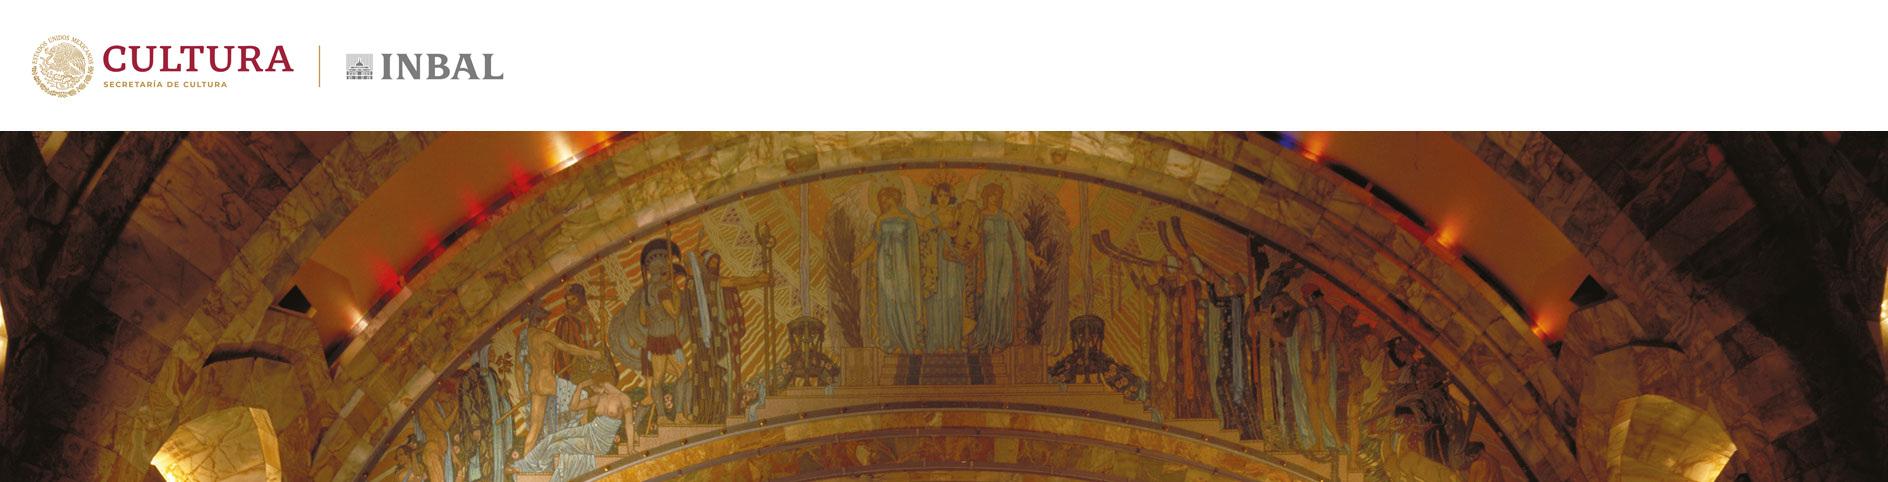 Gerencia del Palacio de Bellas Artes